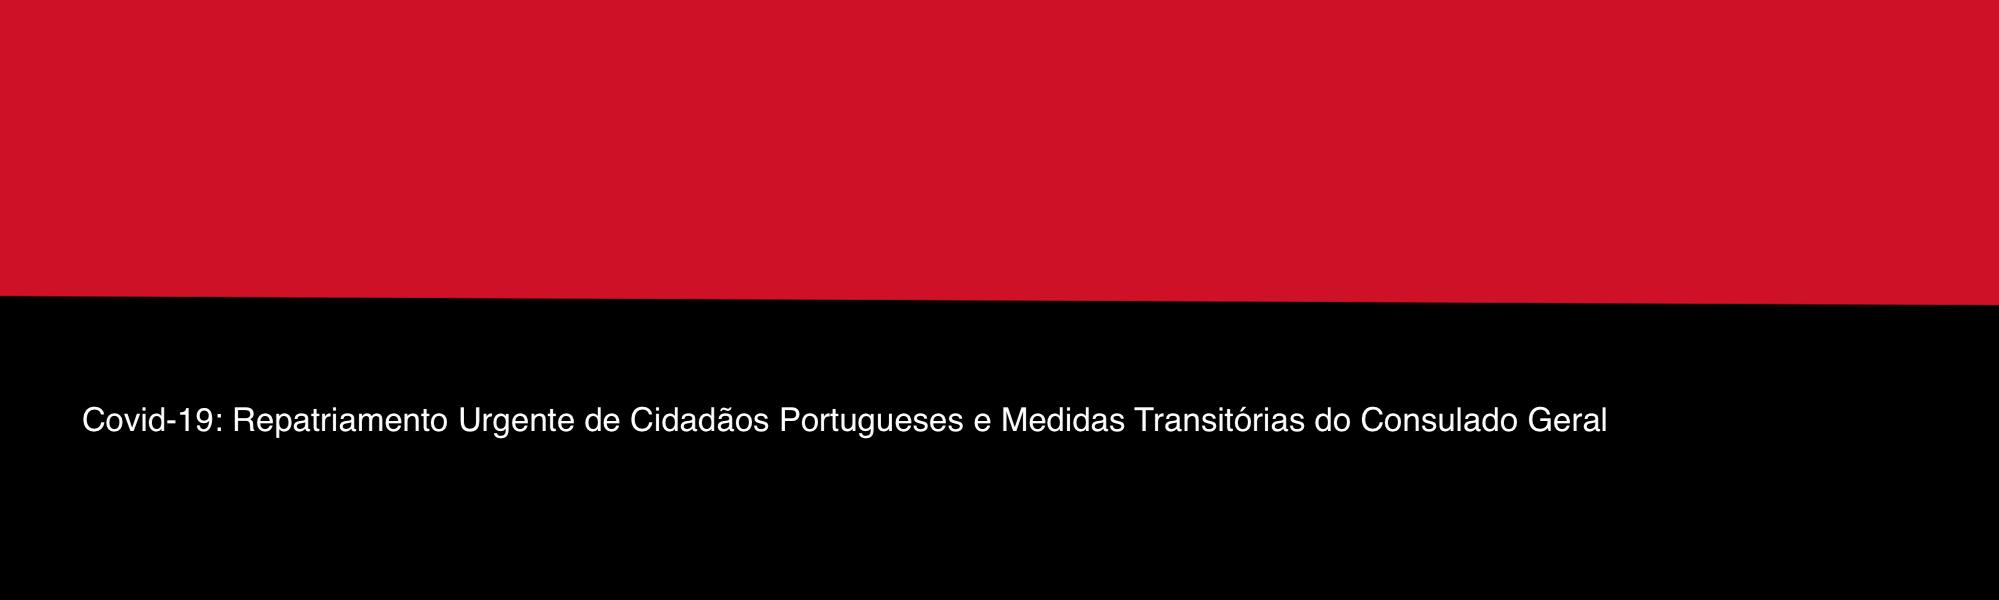 Covid-19: Repatriamento Urgente de Cidadãos Portugueses e Medidas Transitórias do Consulado Geral